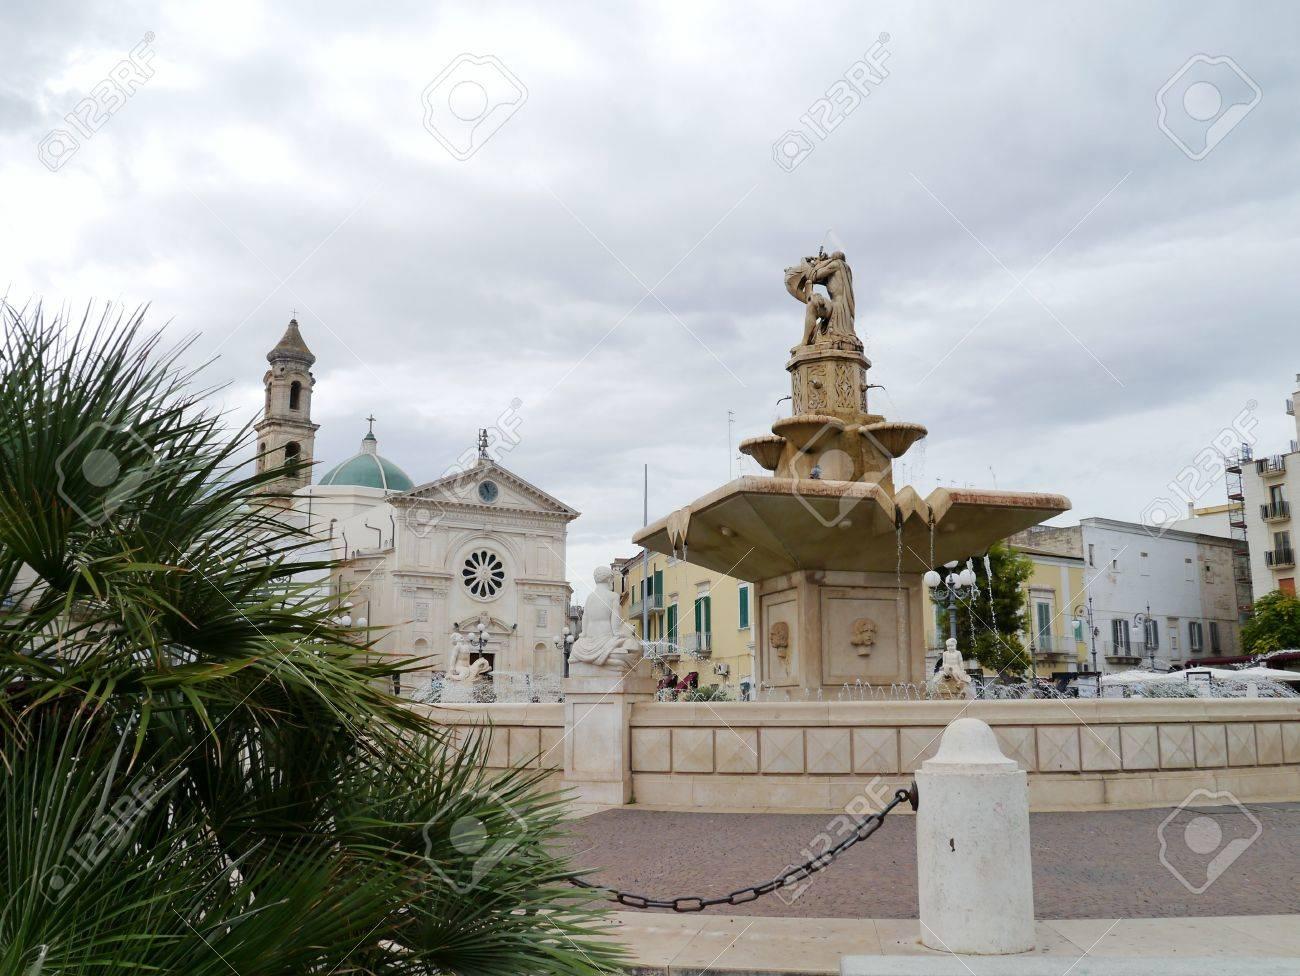 マッダレーナ教会とイタリアのプ...